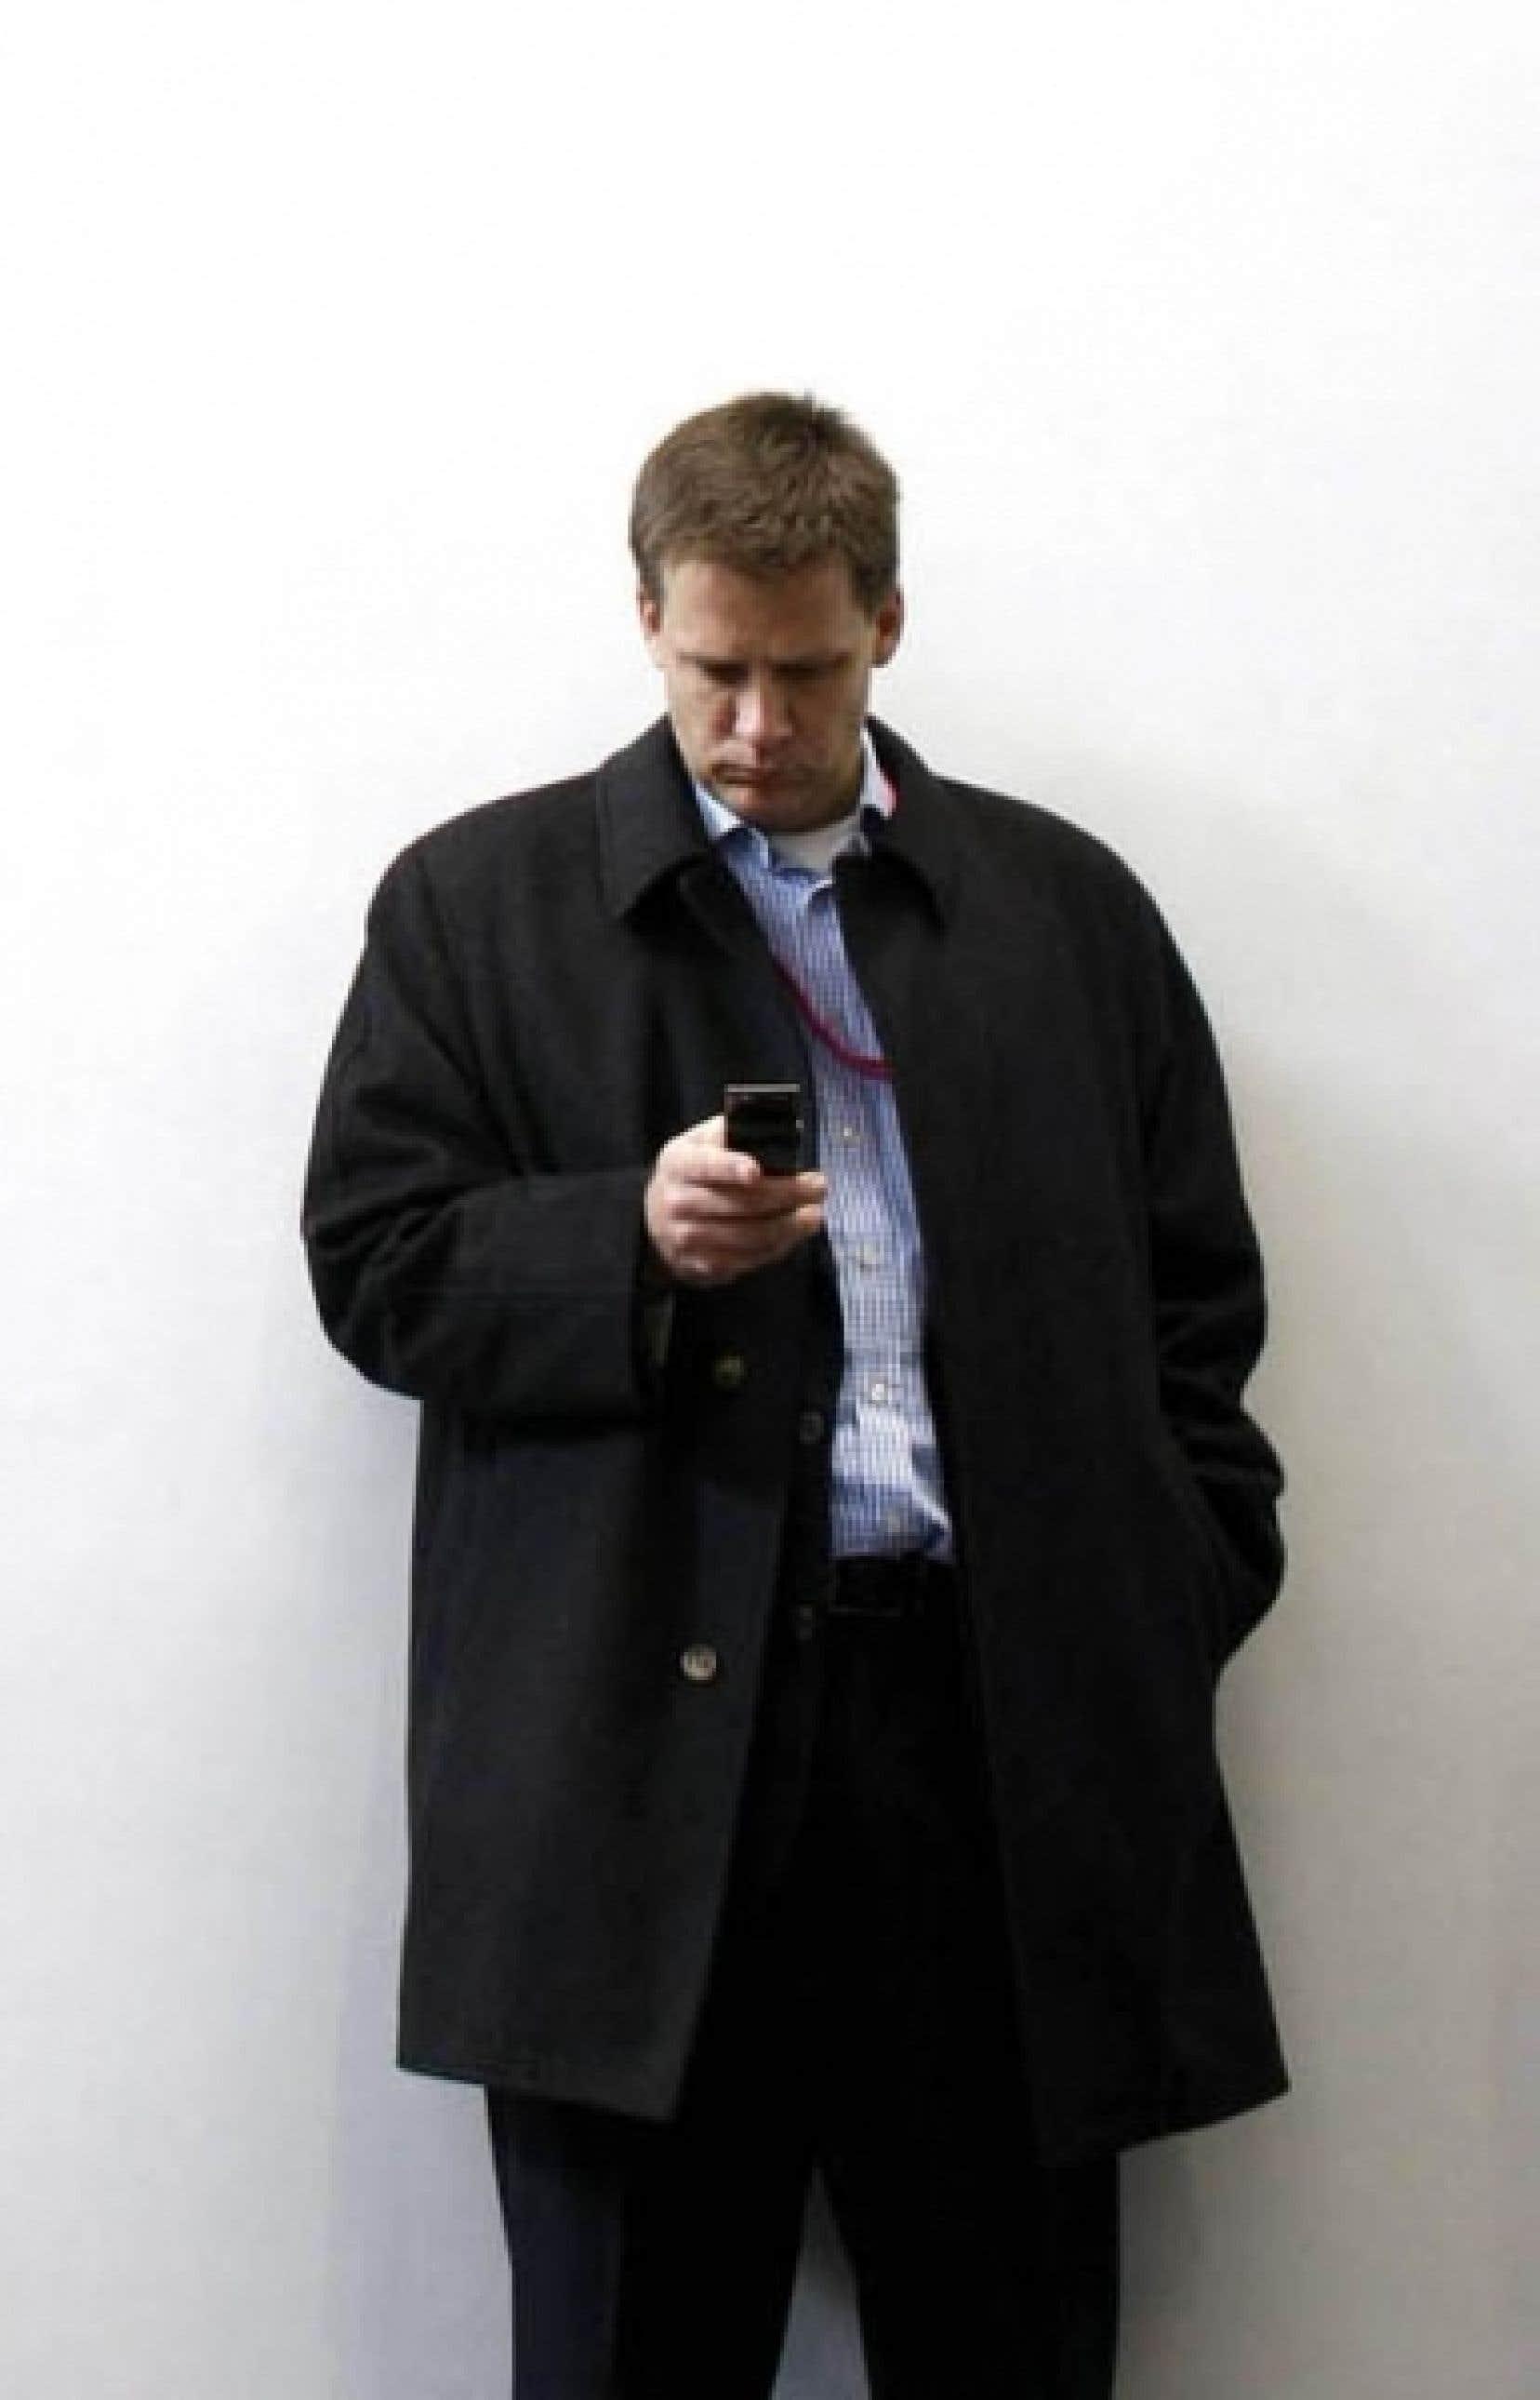 Selon un juge de la Colombie-Britannique, Bell ne peut prétendre que son réseau sans fil est le plus fiable au pays.